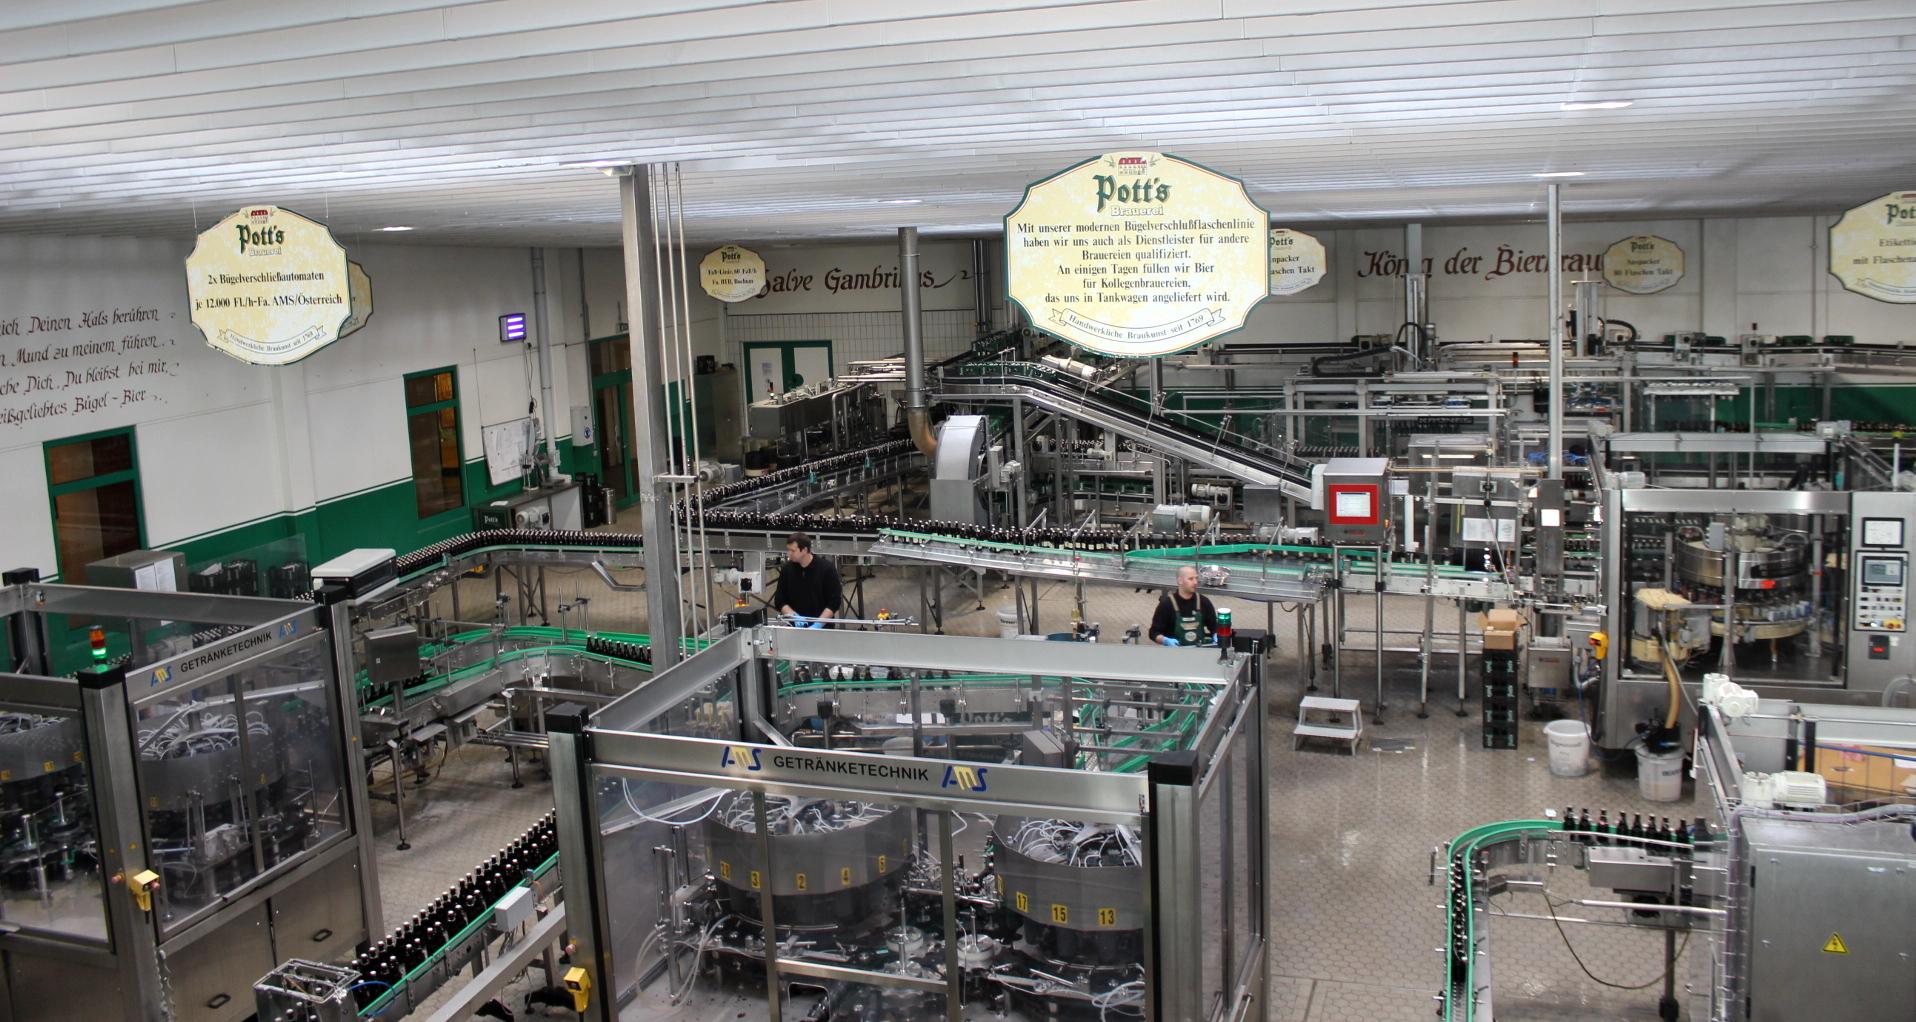 Potts Produktion